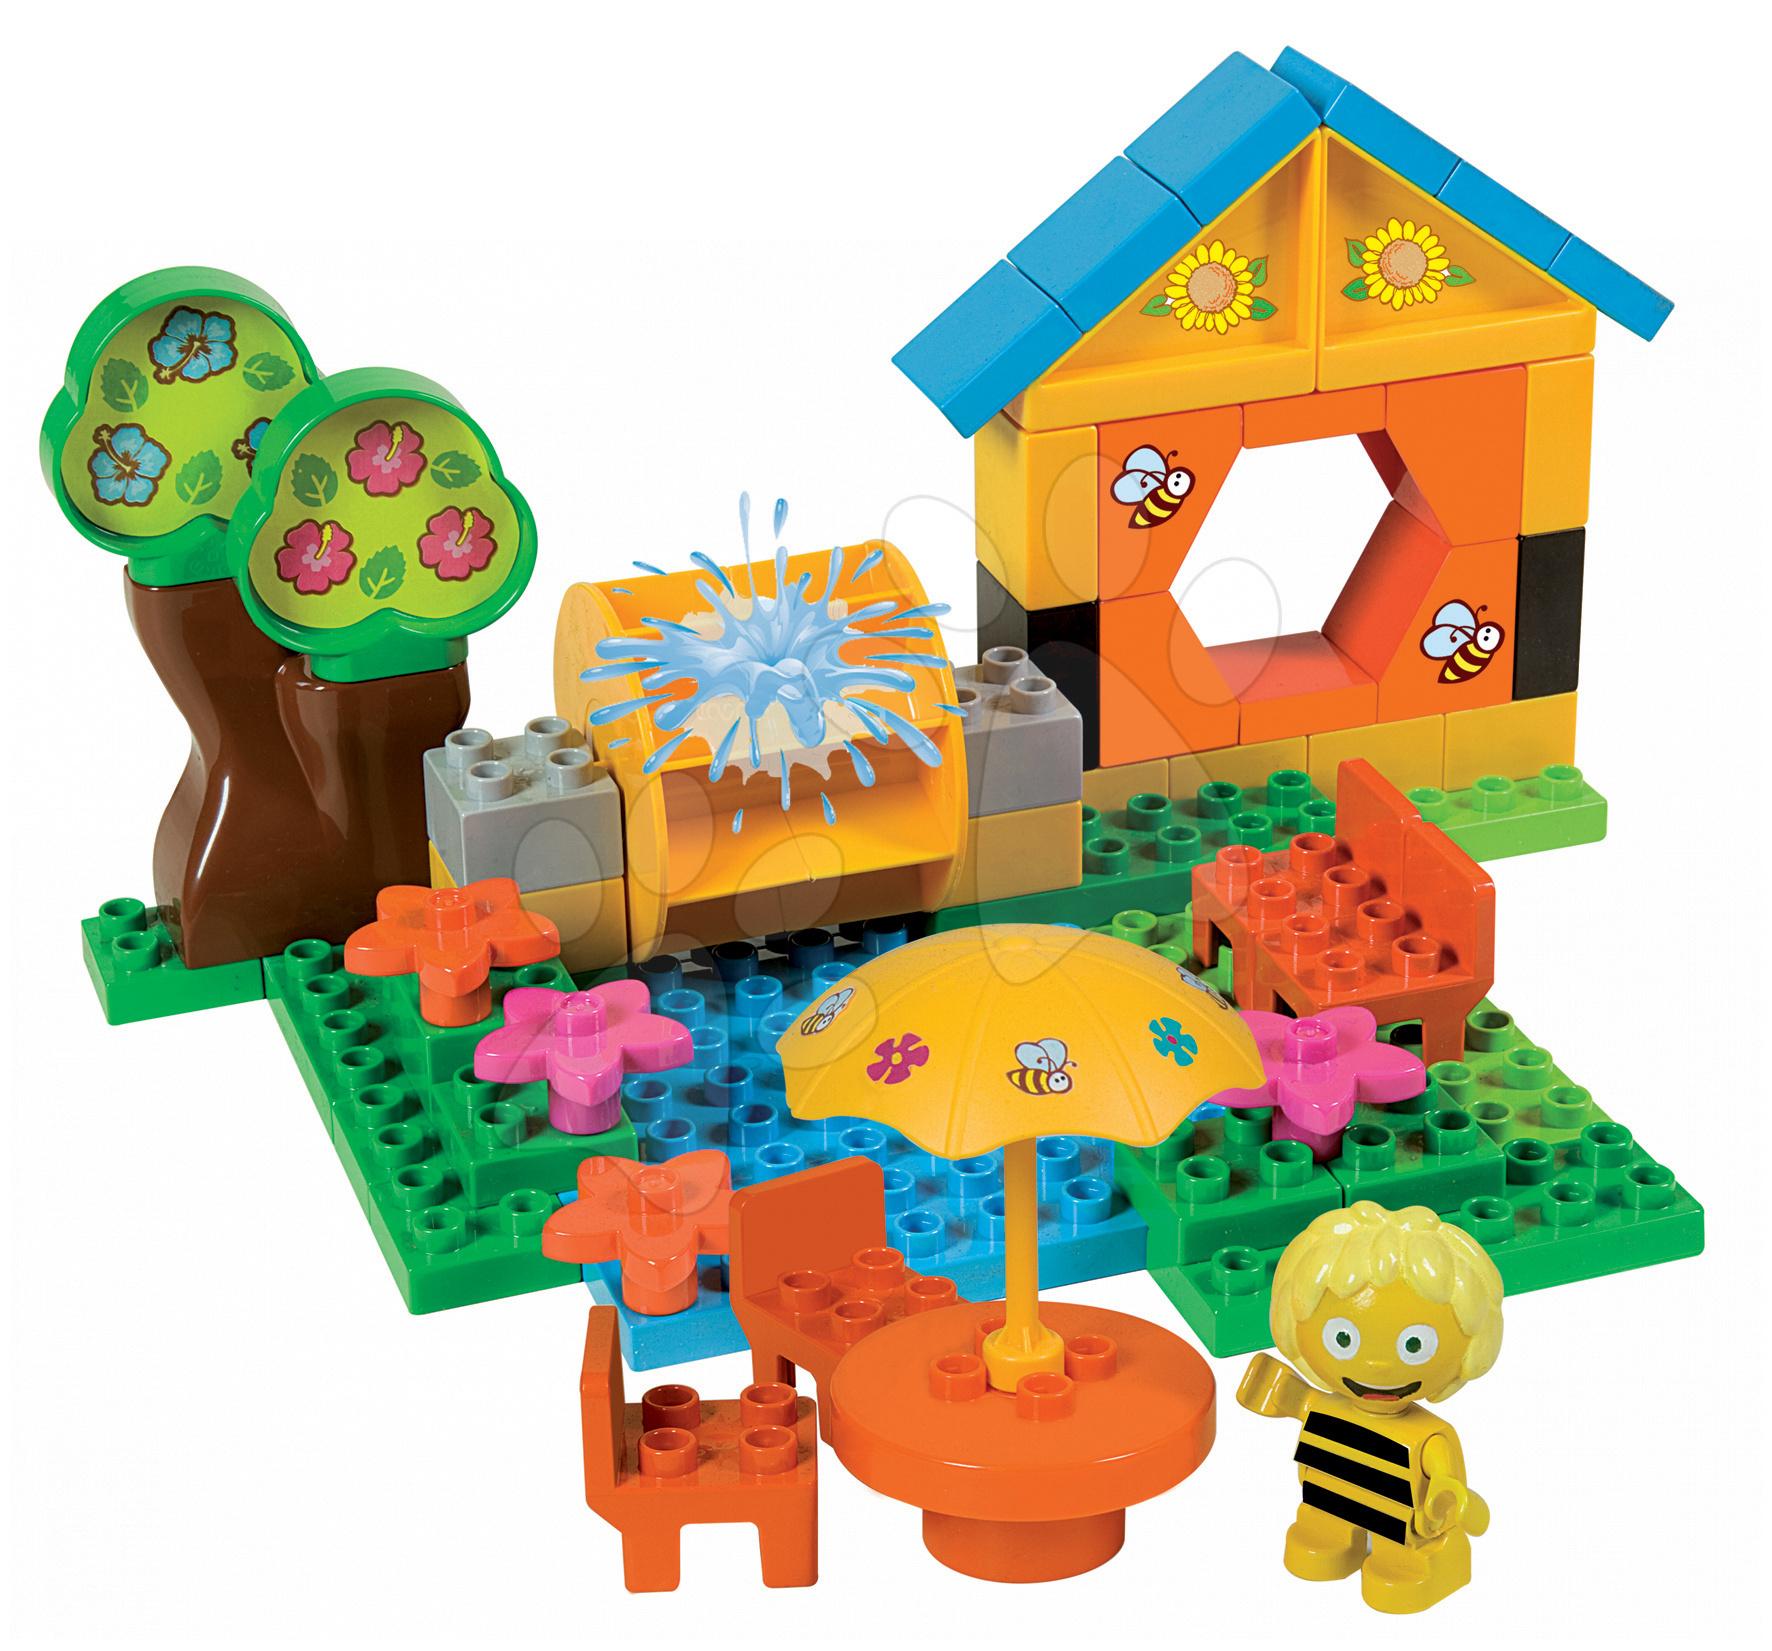 Stavebnice BIG-Bloxx ako lego - Stavebnica PlayBIG Bloxx BIG Včielka Maja na chate 59 dielov od 18 mes